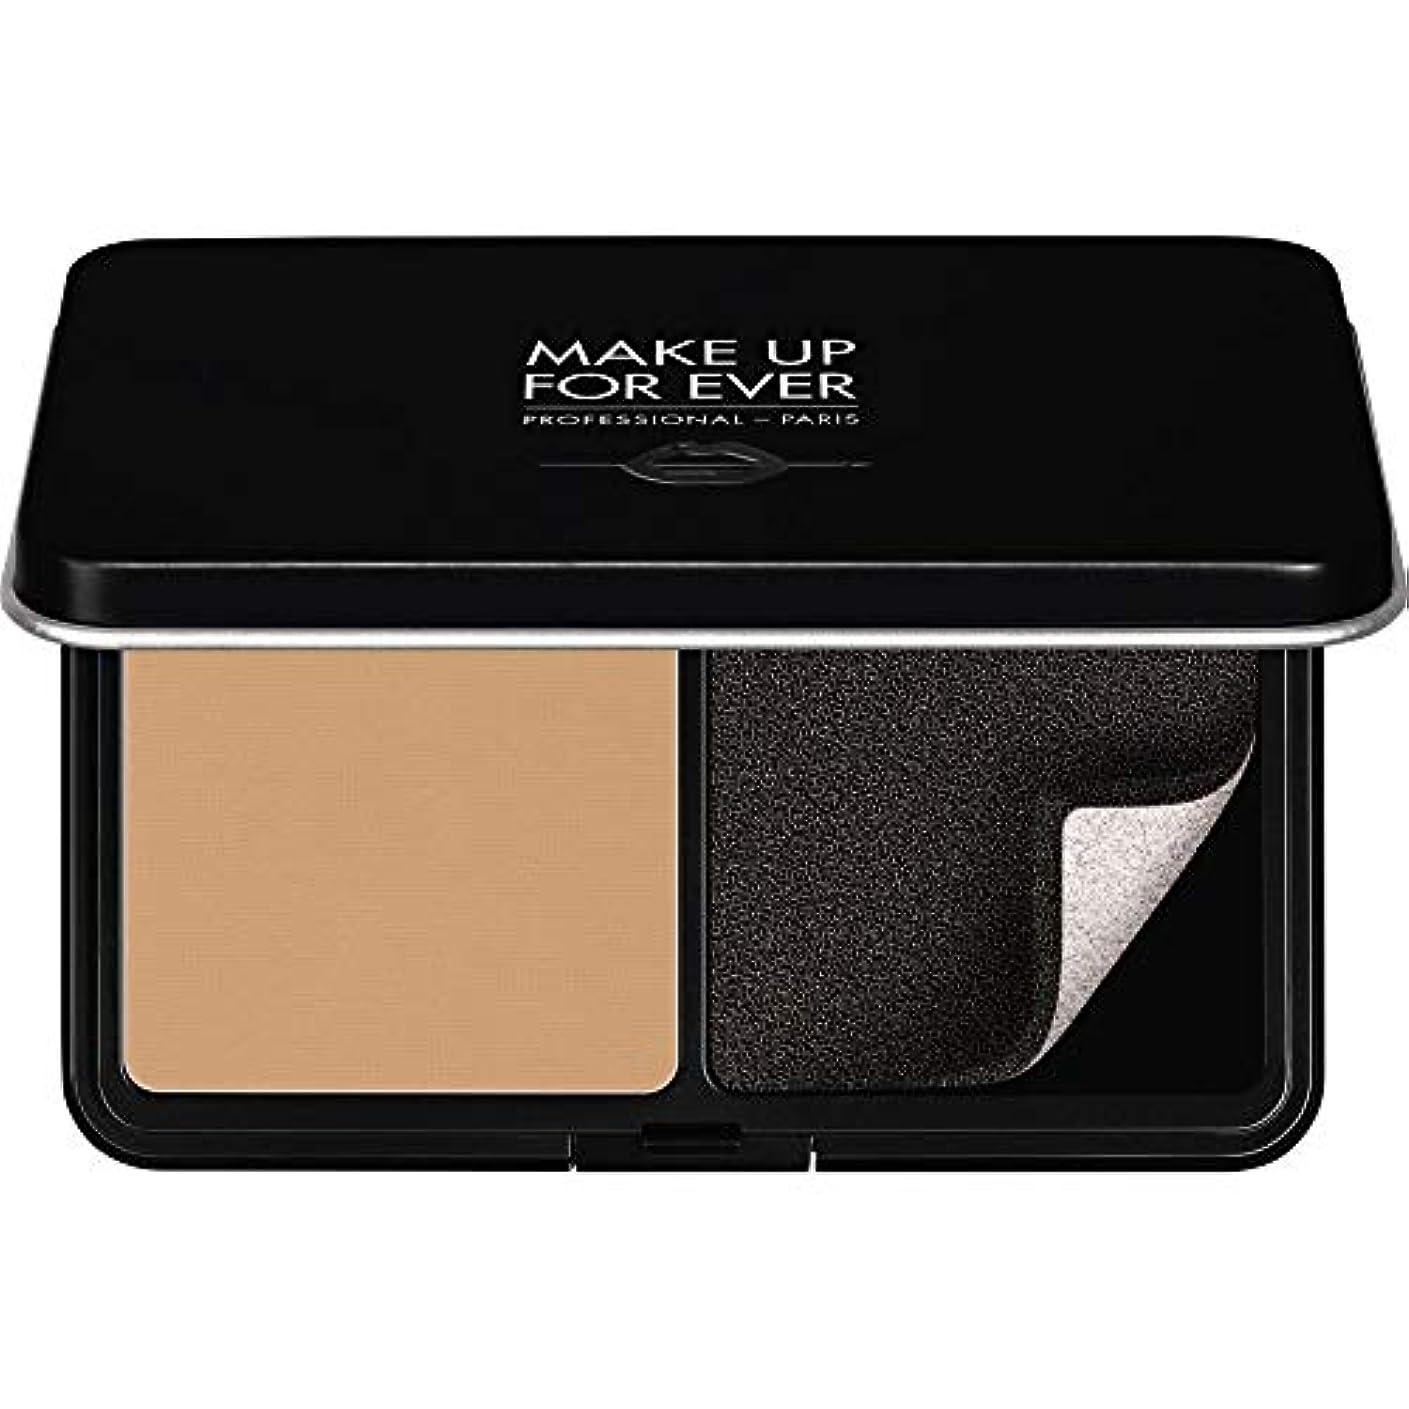 クレアクレデンシャル告白する[MAKE UP FOR EVER] パウダーファンデーション11GののY315をぼかし、これまでマットベルベットの肌を補う - 砂 - MAKE UP FOR EVER Matte Velvet Skin Blurring...